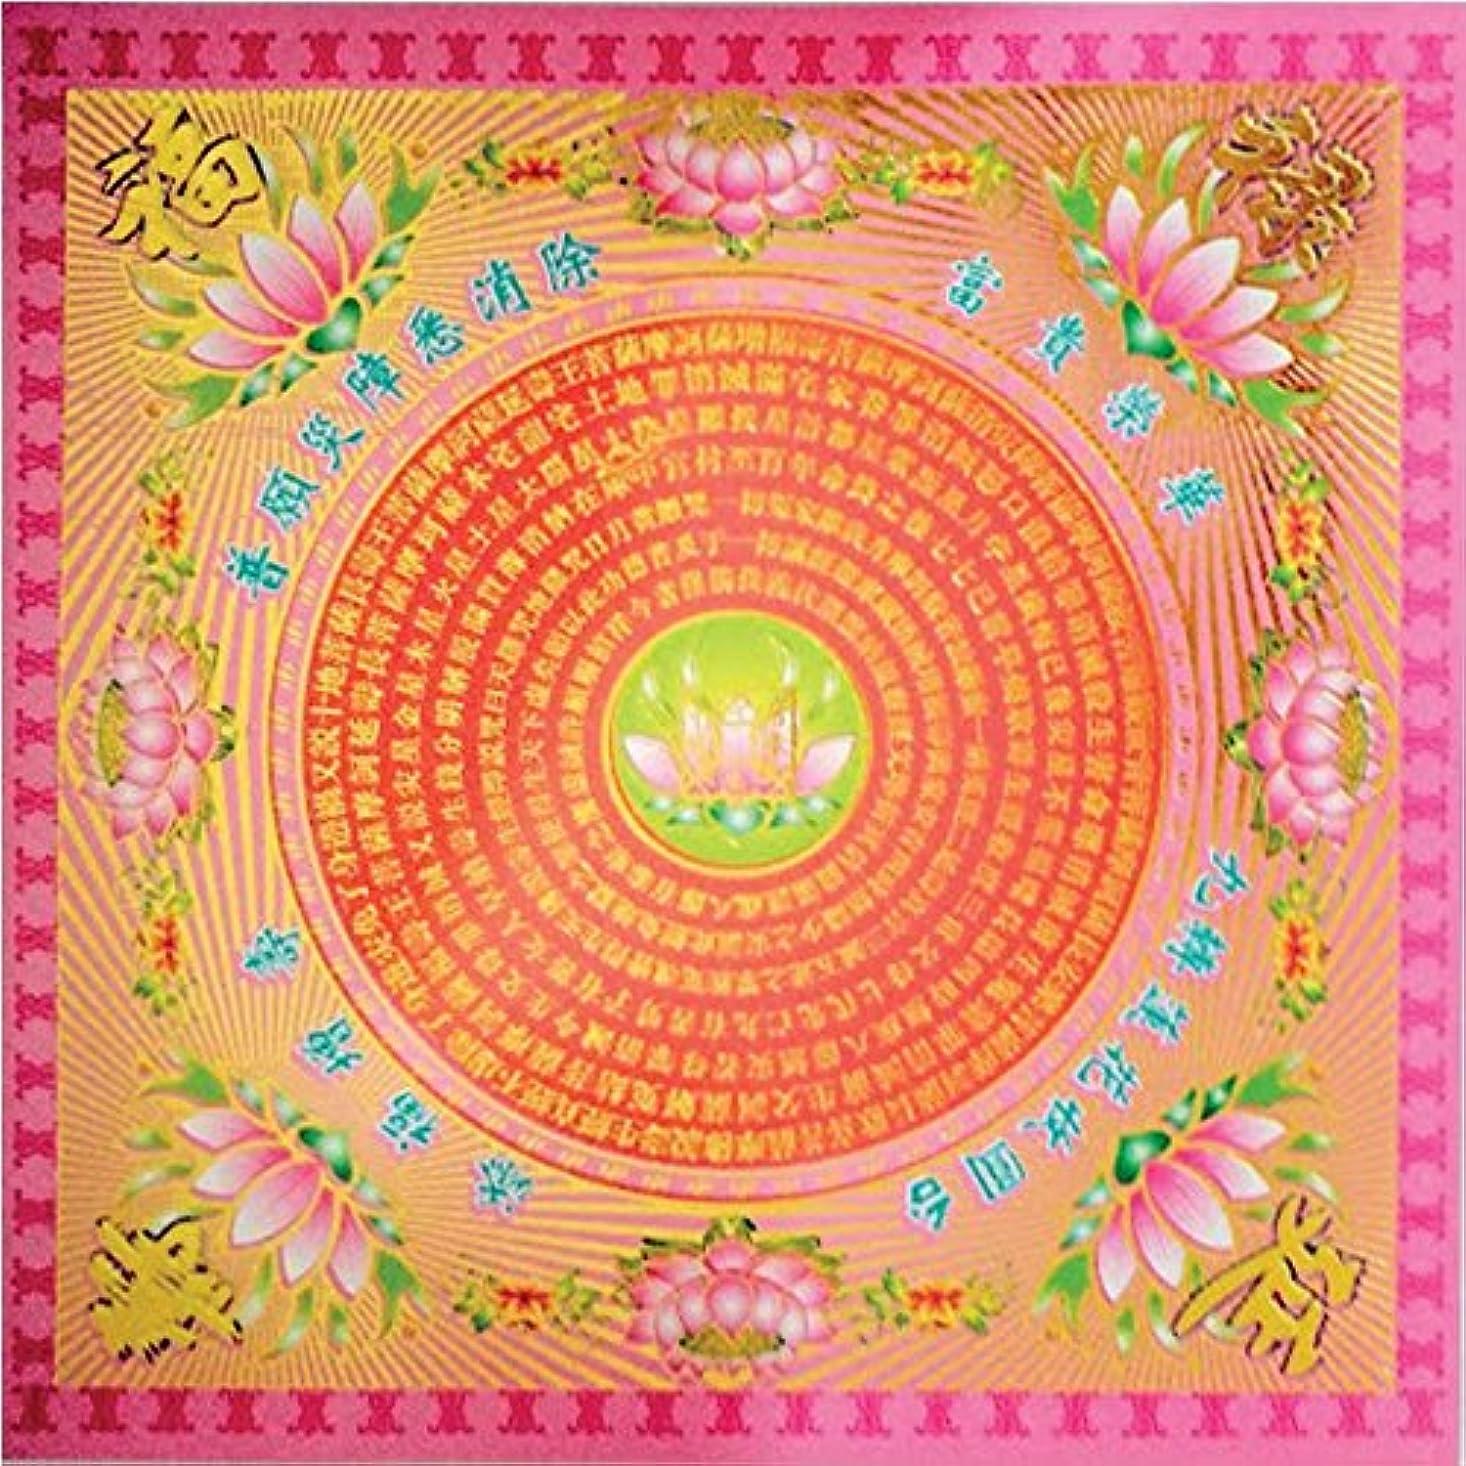 パプアニューギニア鷹城50個Incense用紙/ Joss用紙pink-goldSサイズの祖先Praying 7.5インチx 7.5インチ